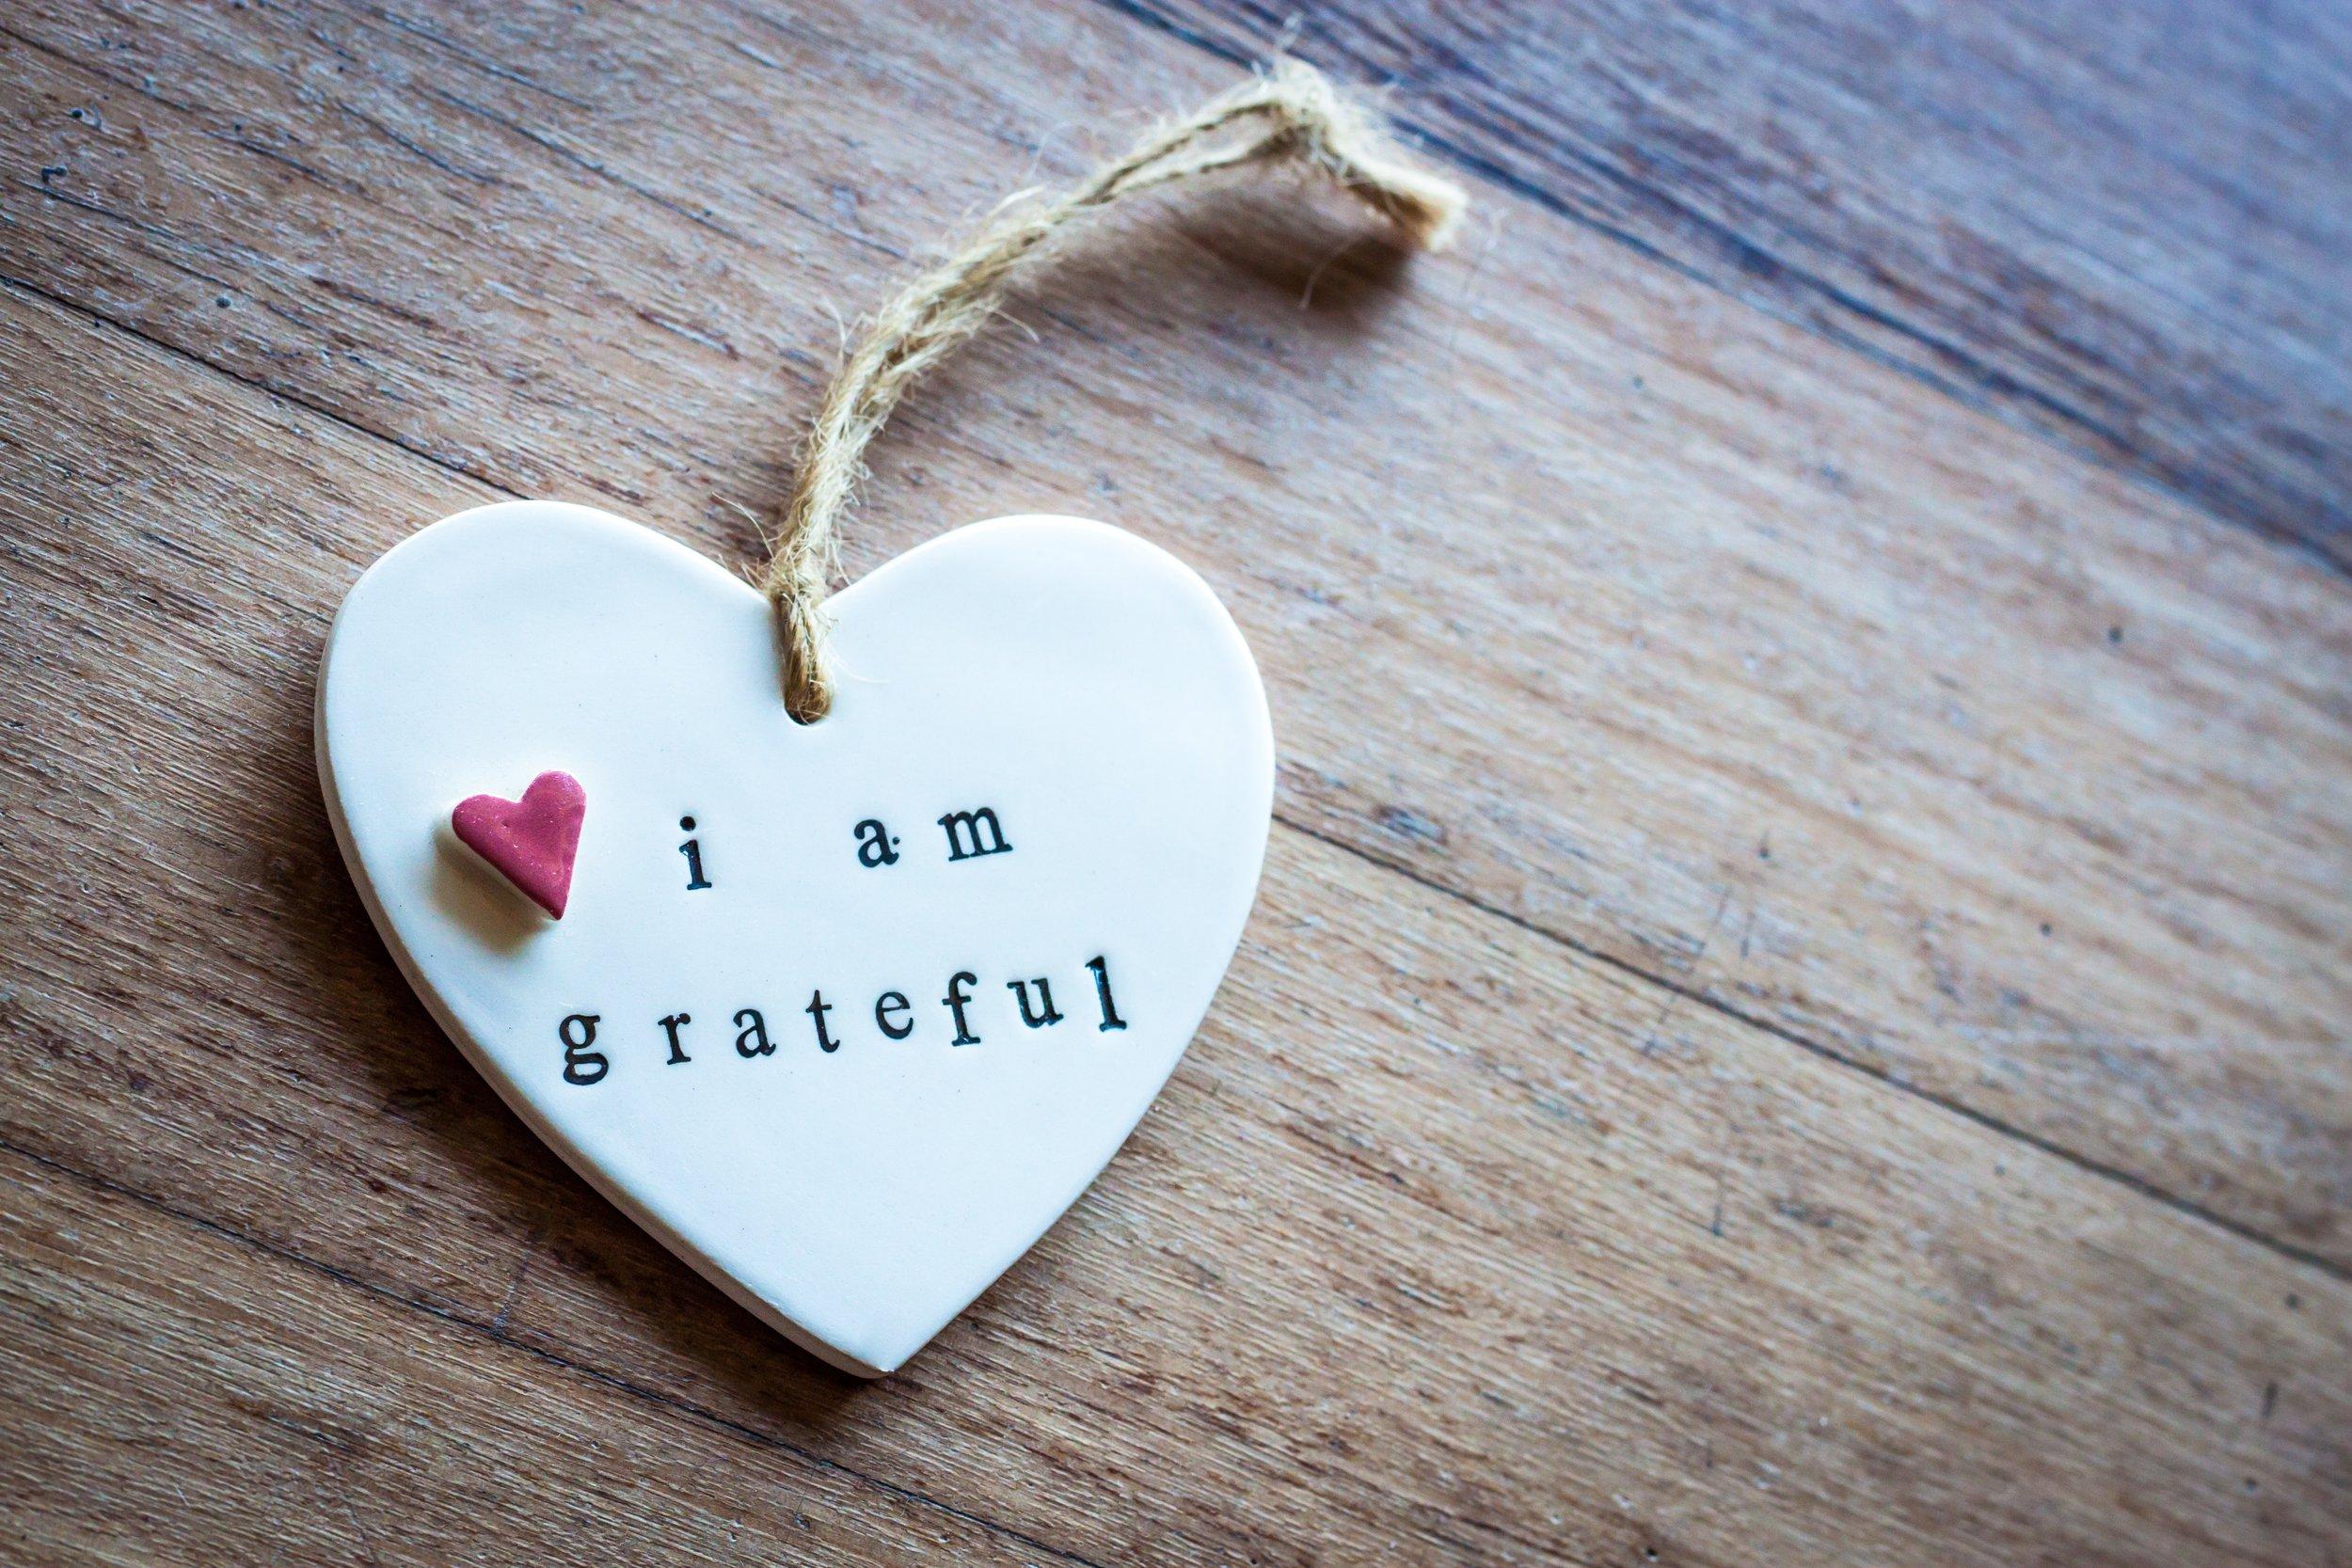 Parkinson's caregiver burnout - giving thanks